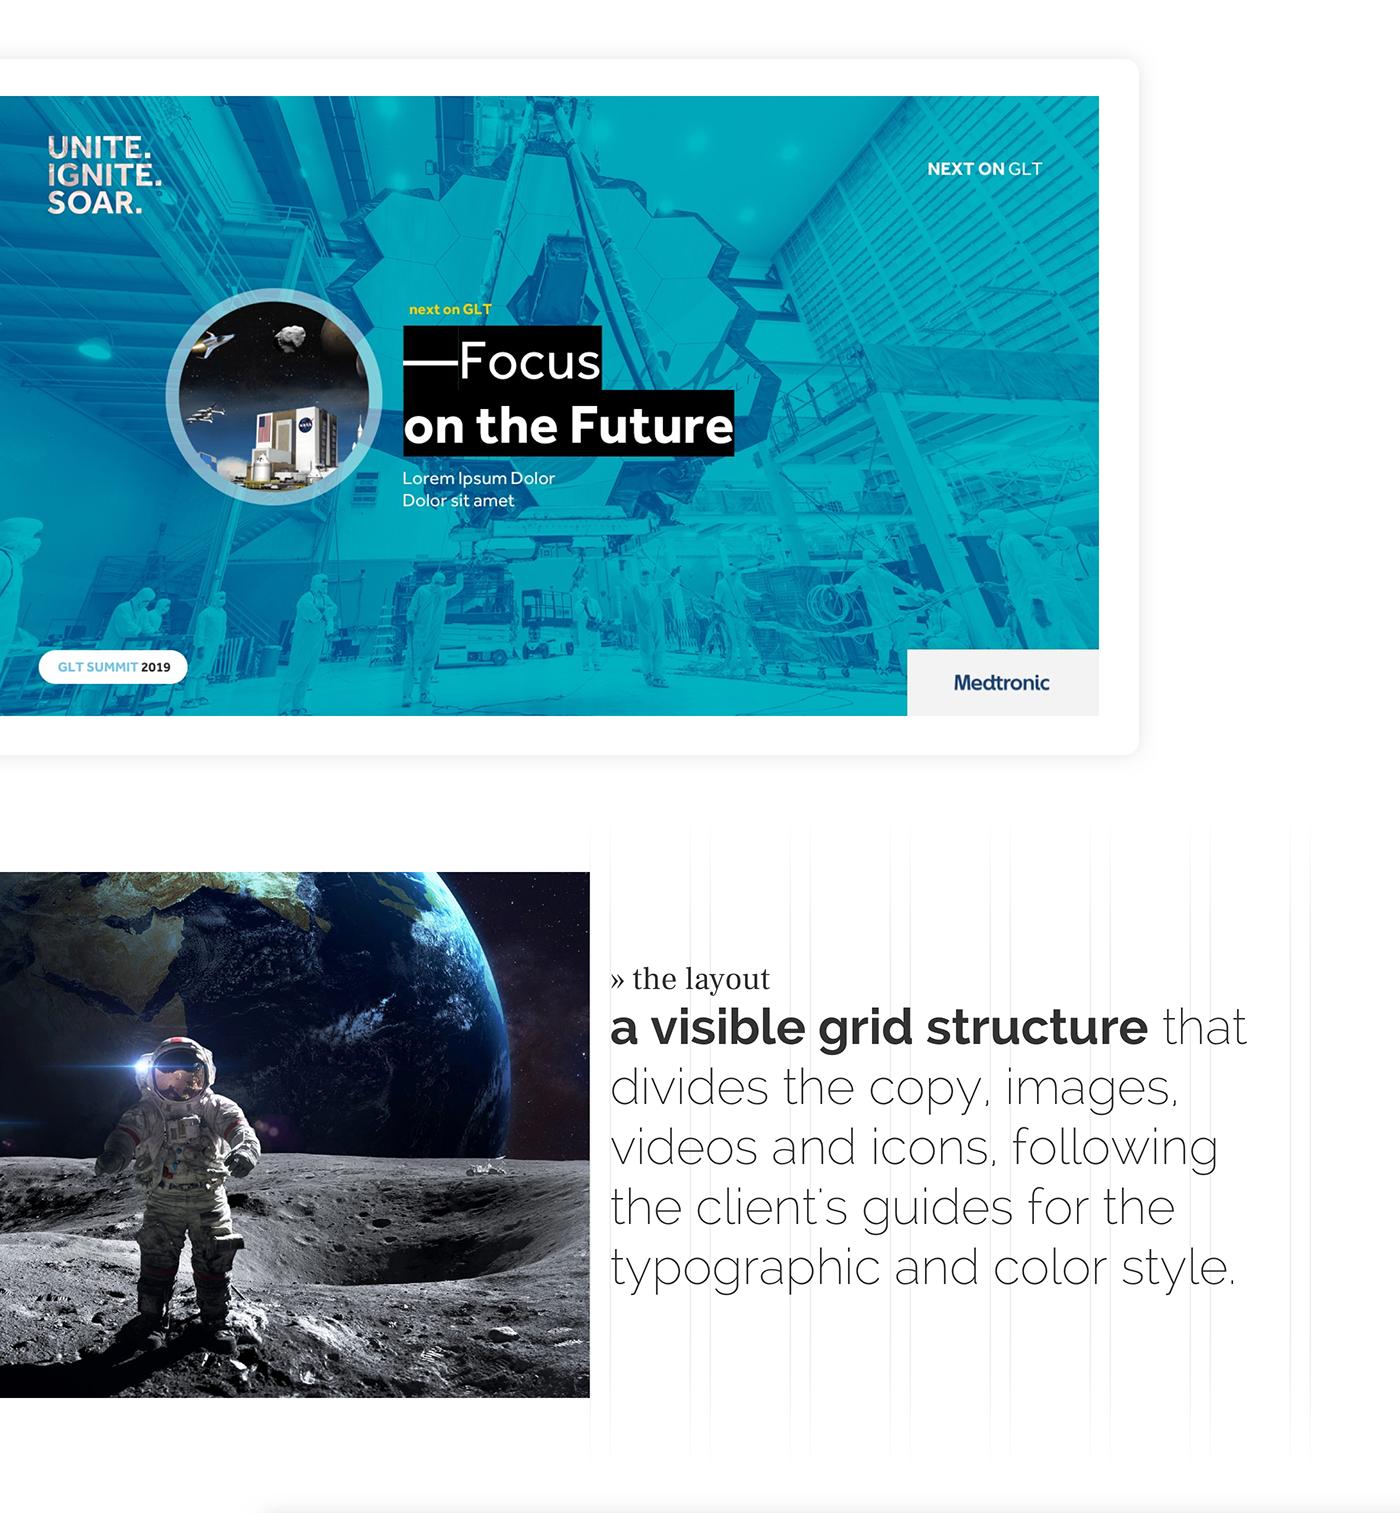 slides slide deck presentation slide presentation Google Slides Space  spaceship future aerospacial rocket